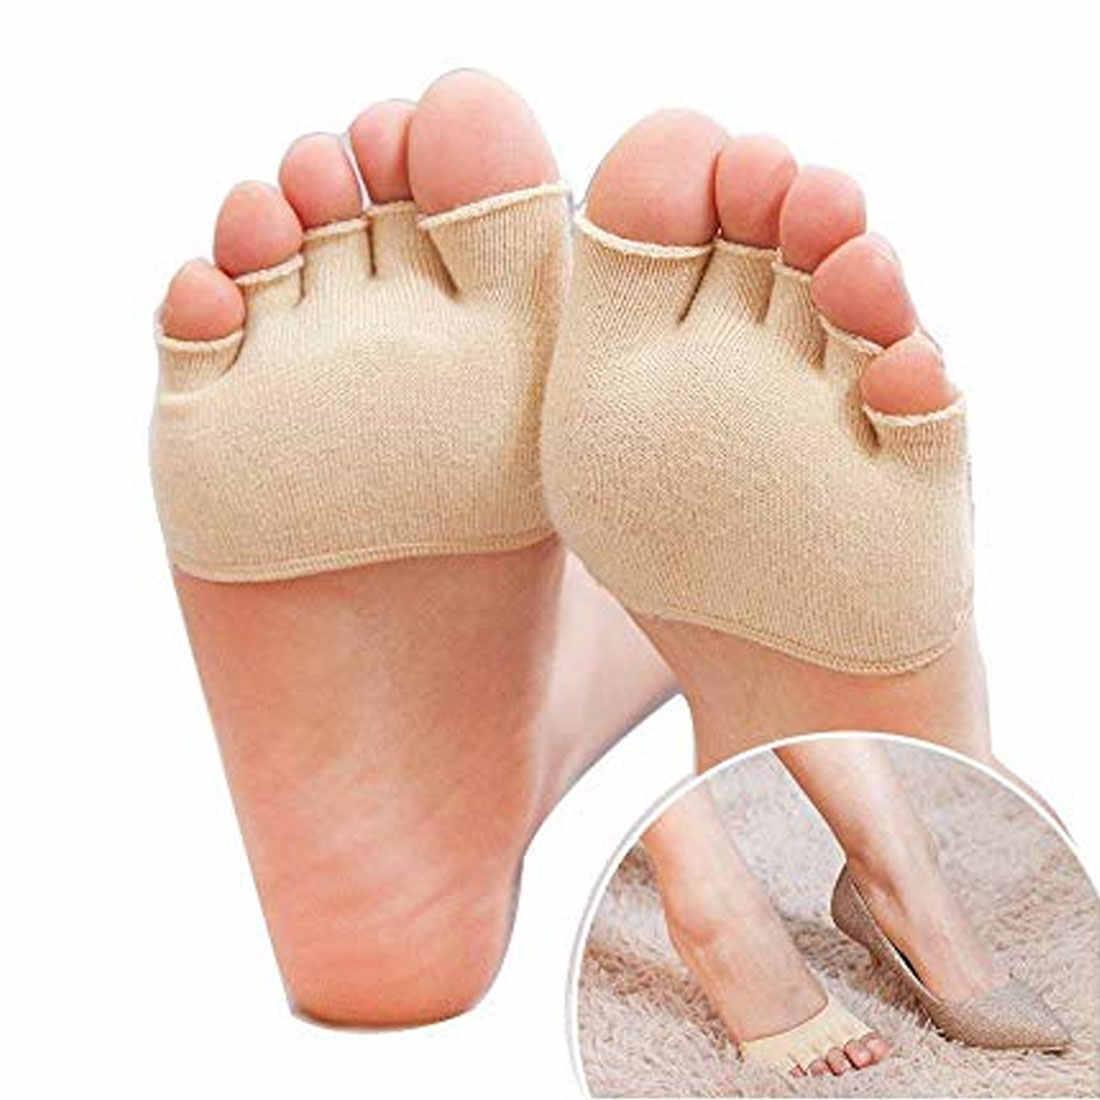 Yarım palmiye beş parmak çorap bayanlar pamuk görünmez yaz ince yarım klip yüksek topuk nefes ön ayak beş parmak çorap kayma